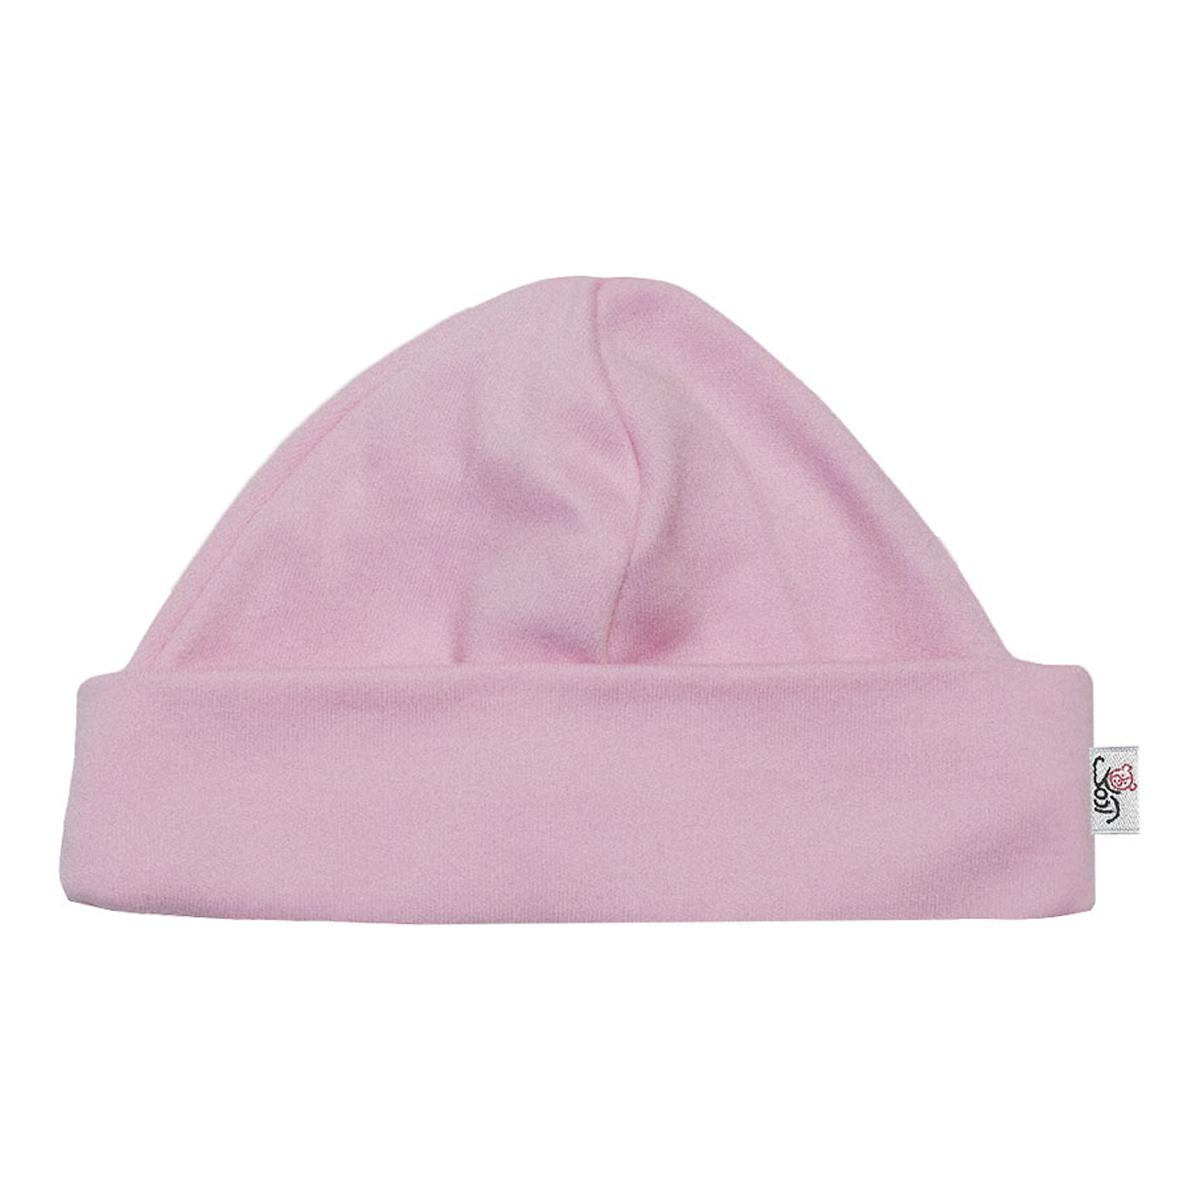 کلاه نوزادی آدمک مدل Carriage کد 02